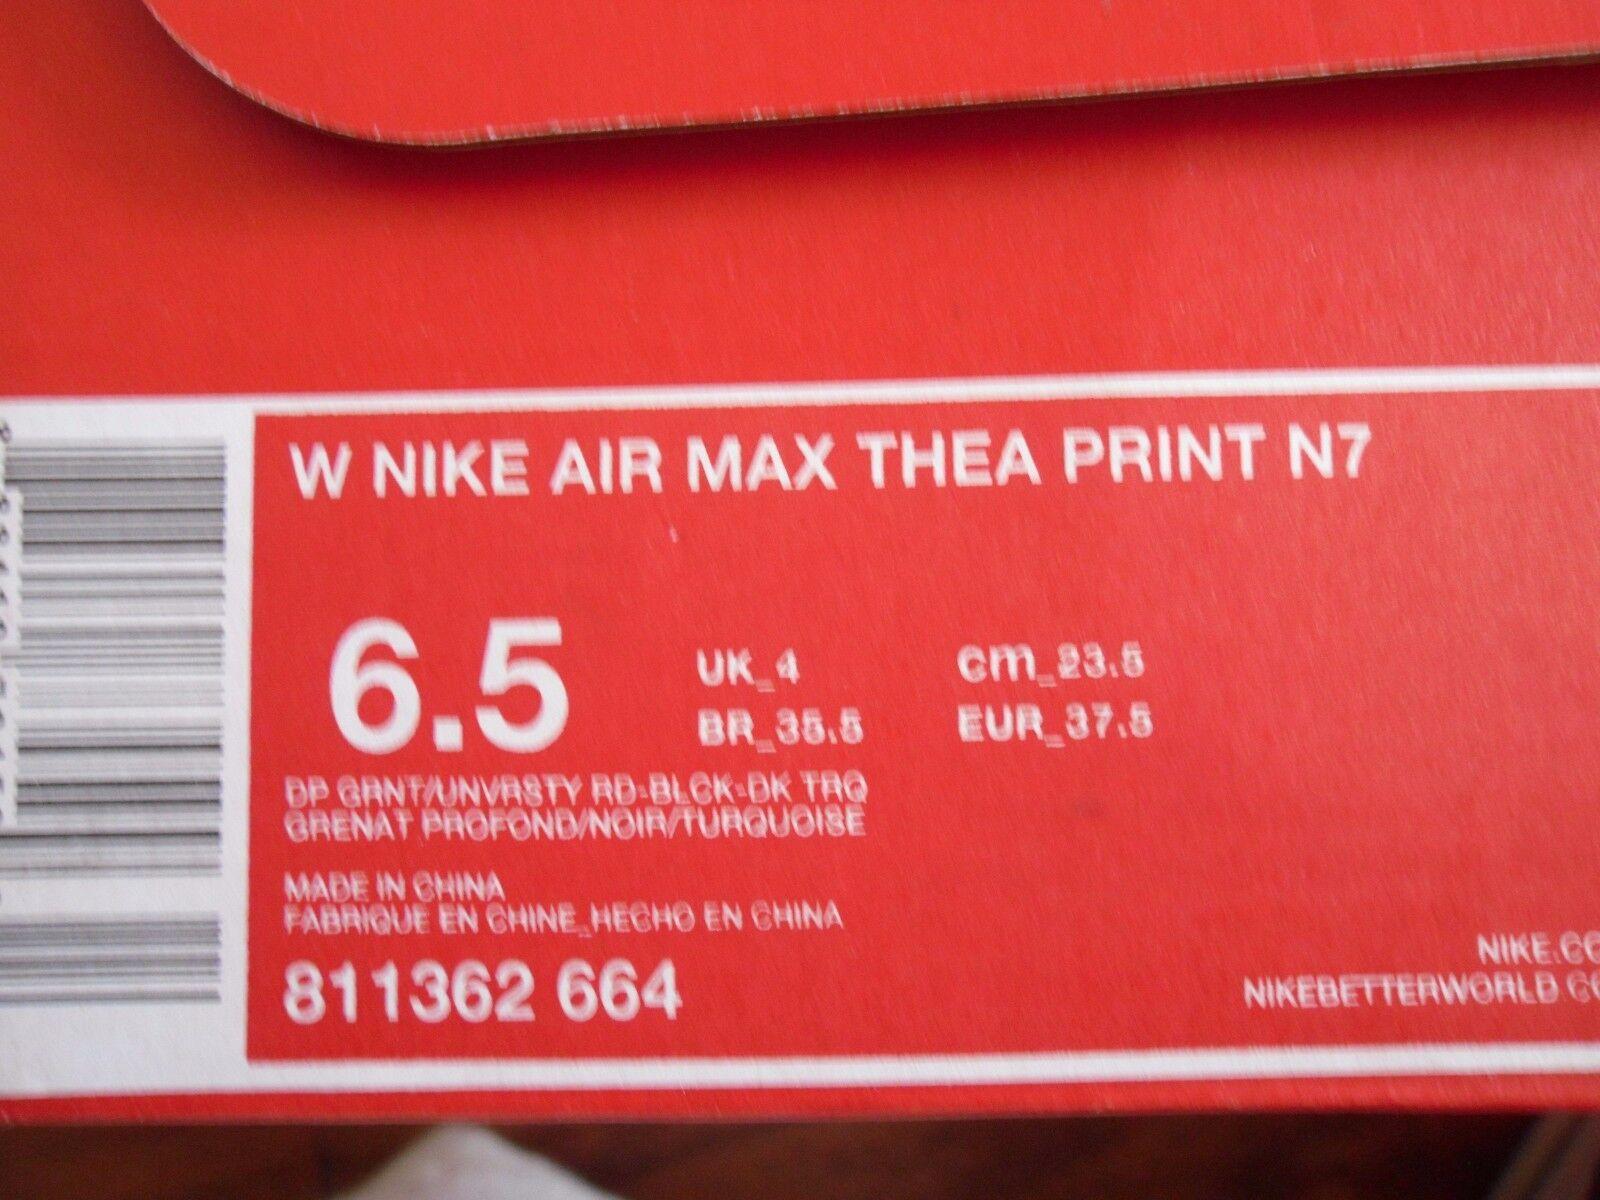 WMNS NIKE AIR AIR AIR MAX THEA PRINT N7 GARNET-UNIVERSITY rouge SZ 6.5 10855b